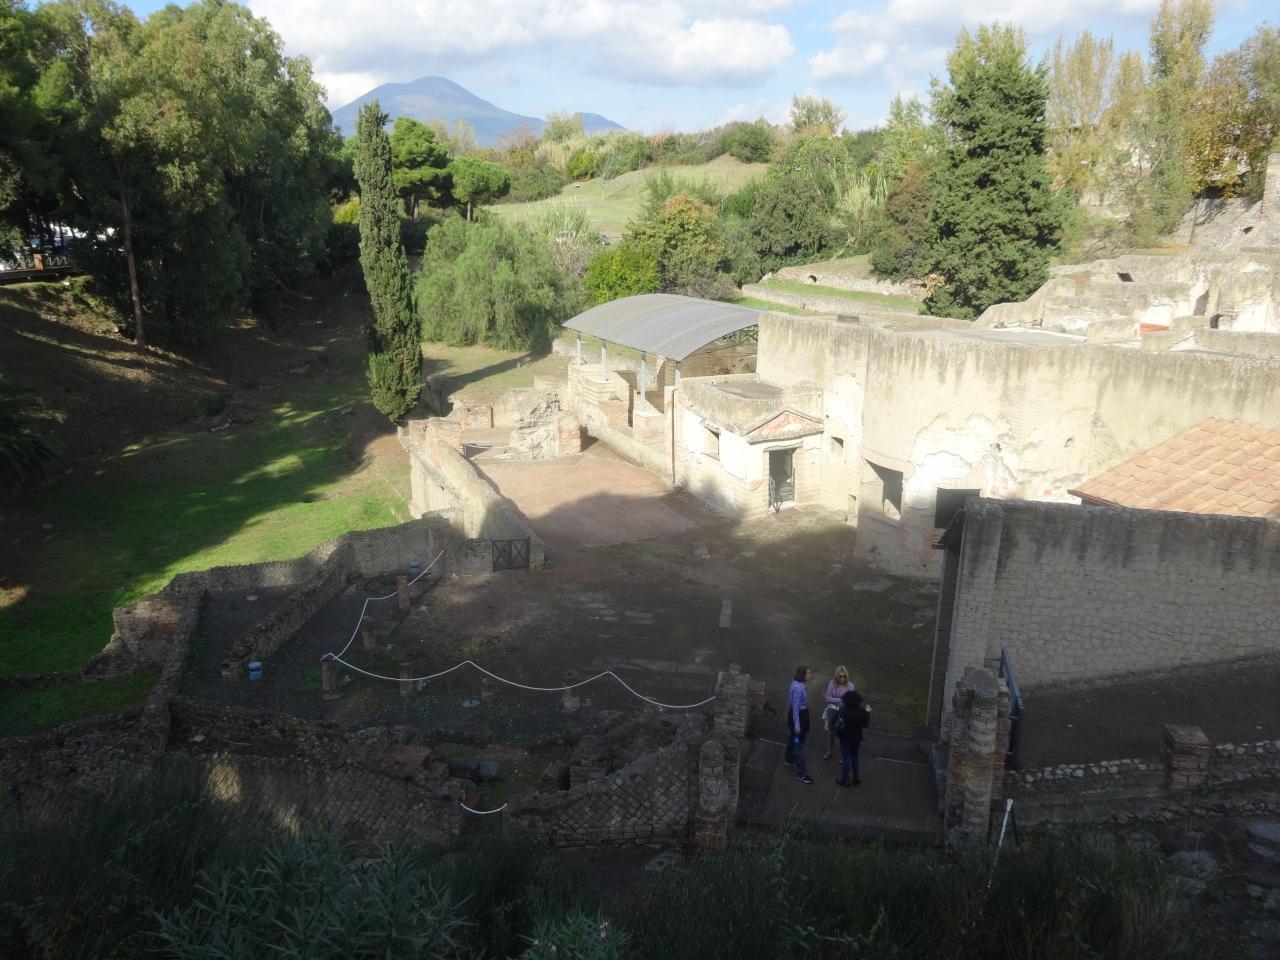 ポンペイ、ヘルクラネウム及びトッレ・アンヌンツィアータの遺跡地域の画像 p1_24